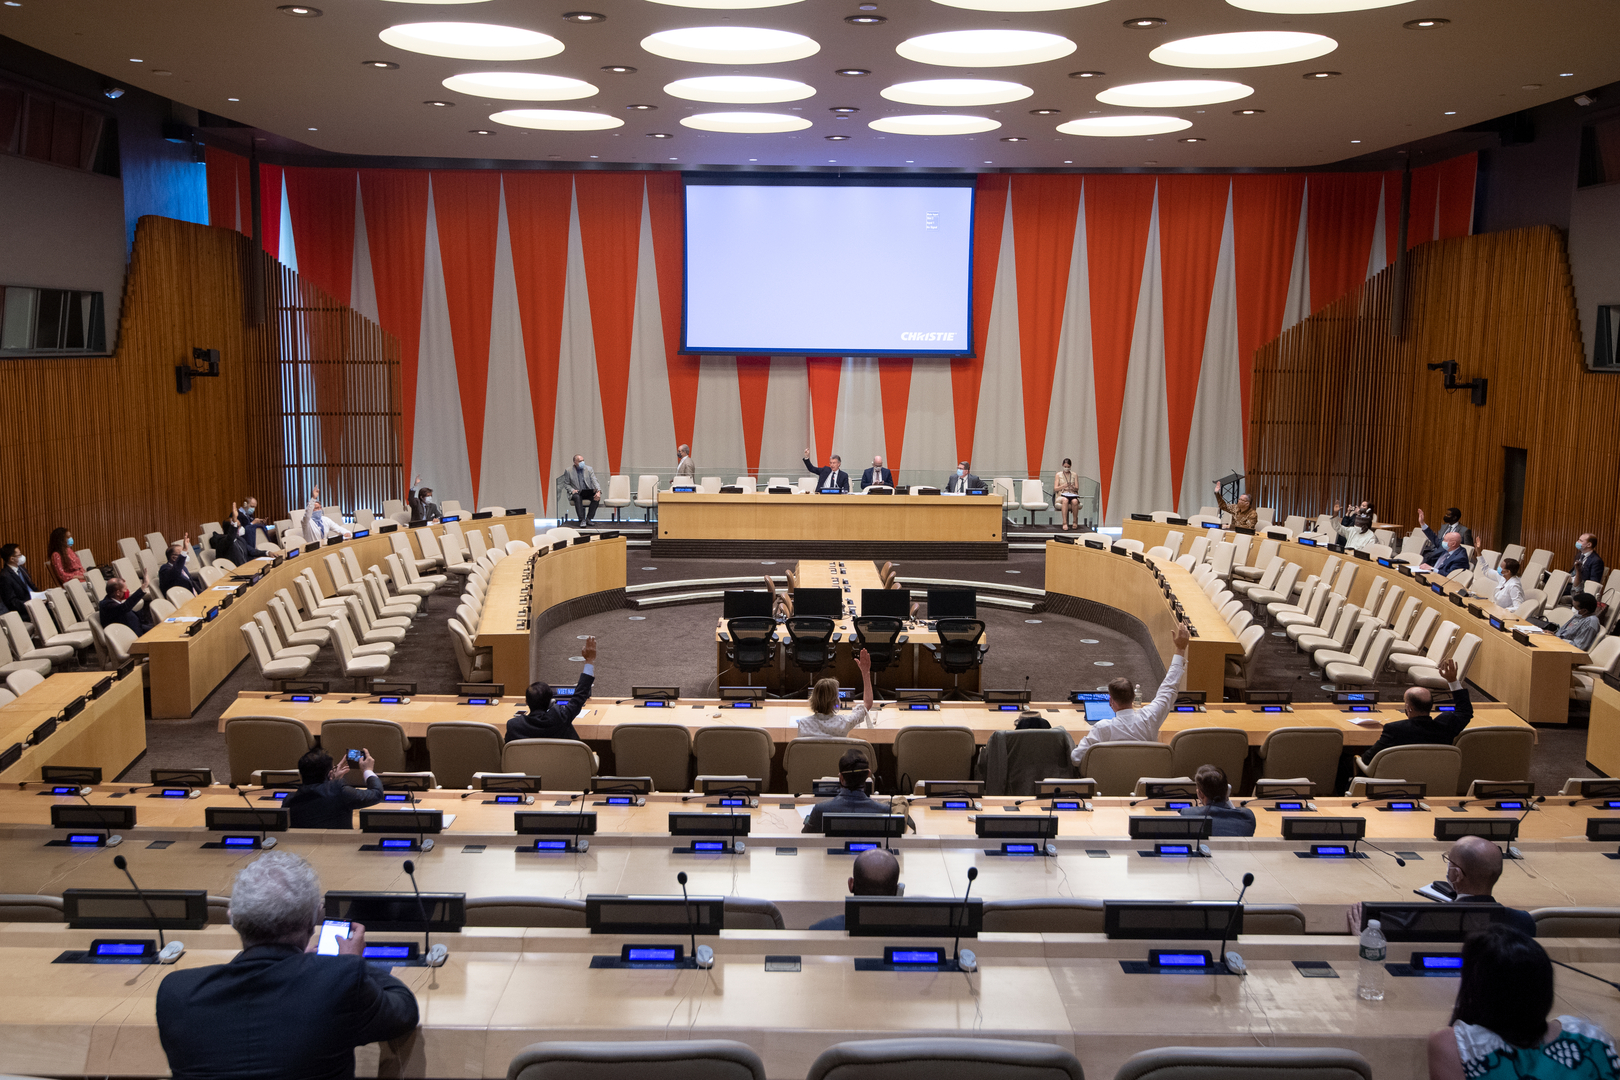 مجلس الأمن الدولي يدعو لوقف إطلاق النار في قره باغ فورا